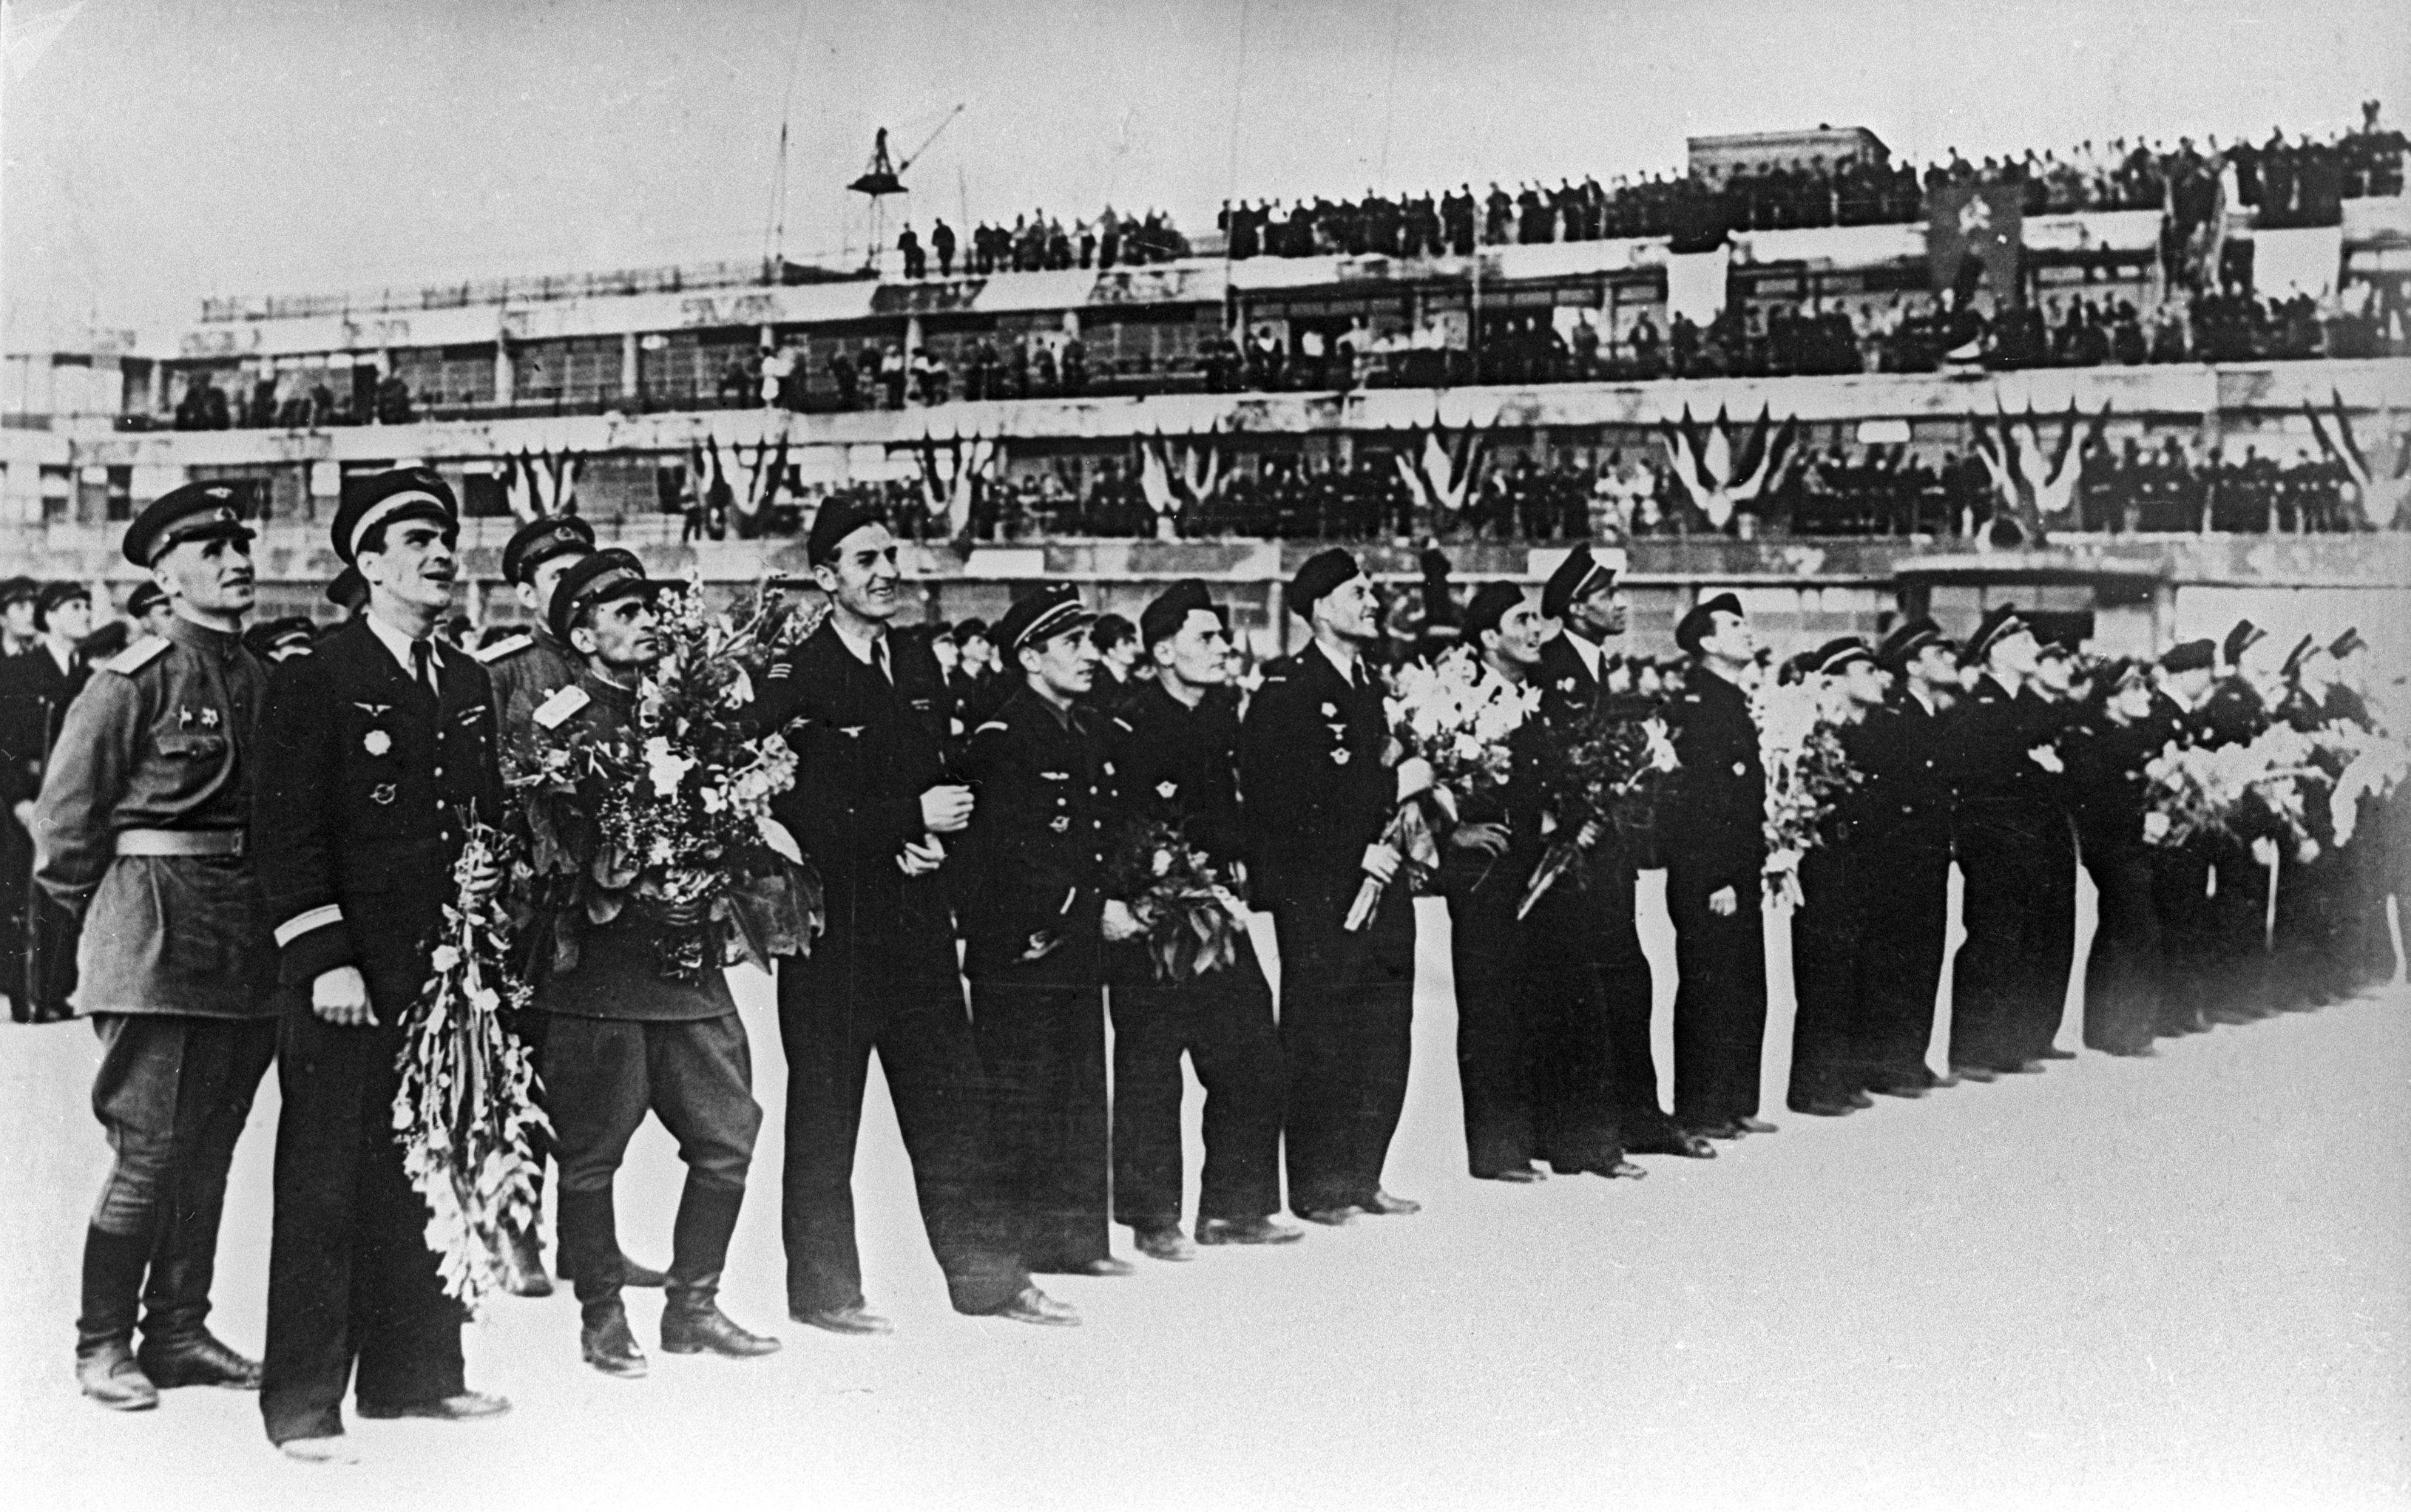 Pilotes du régiment Normandie-Niemen à l'aérodrome de Bourget